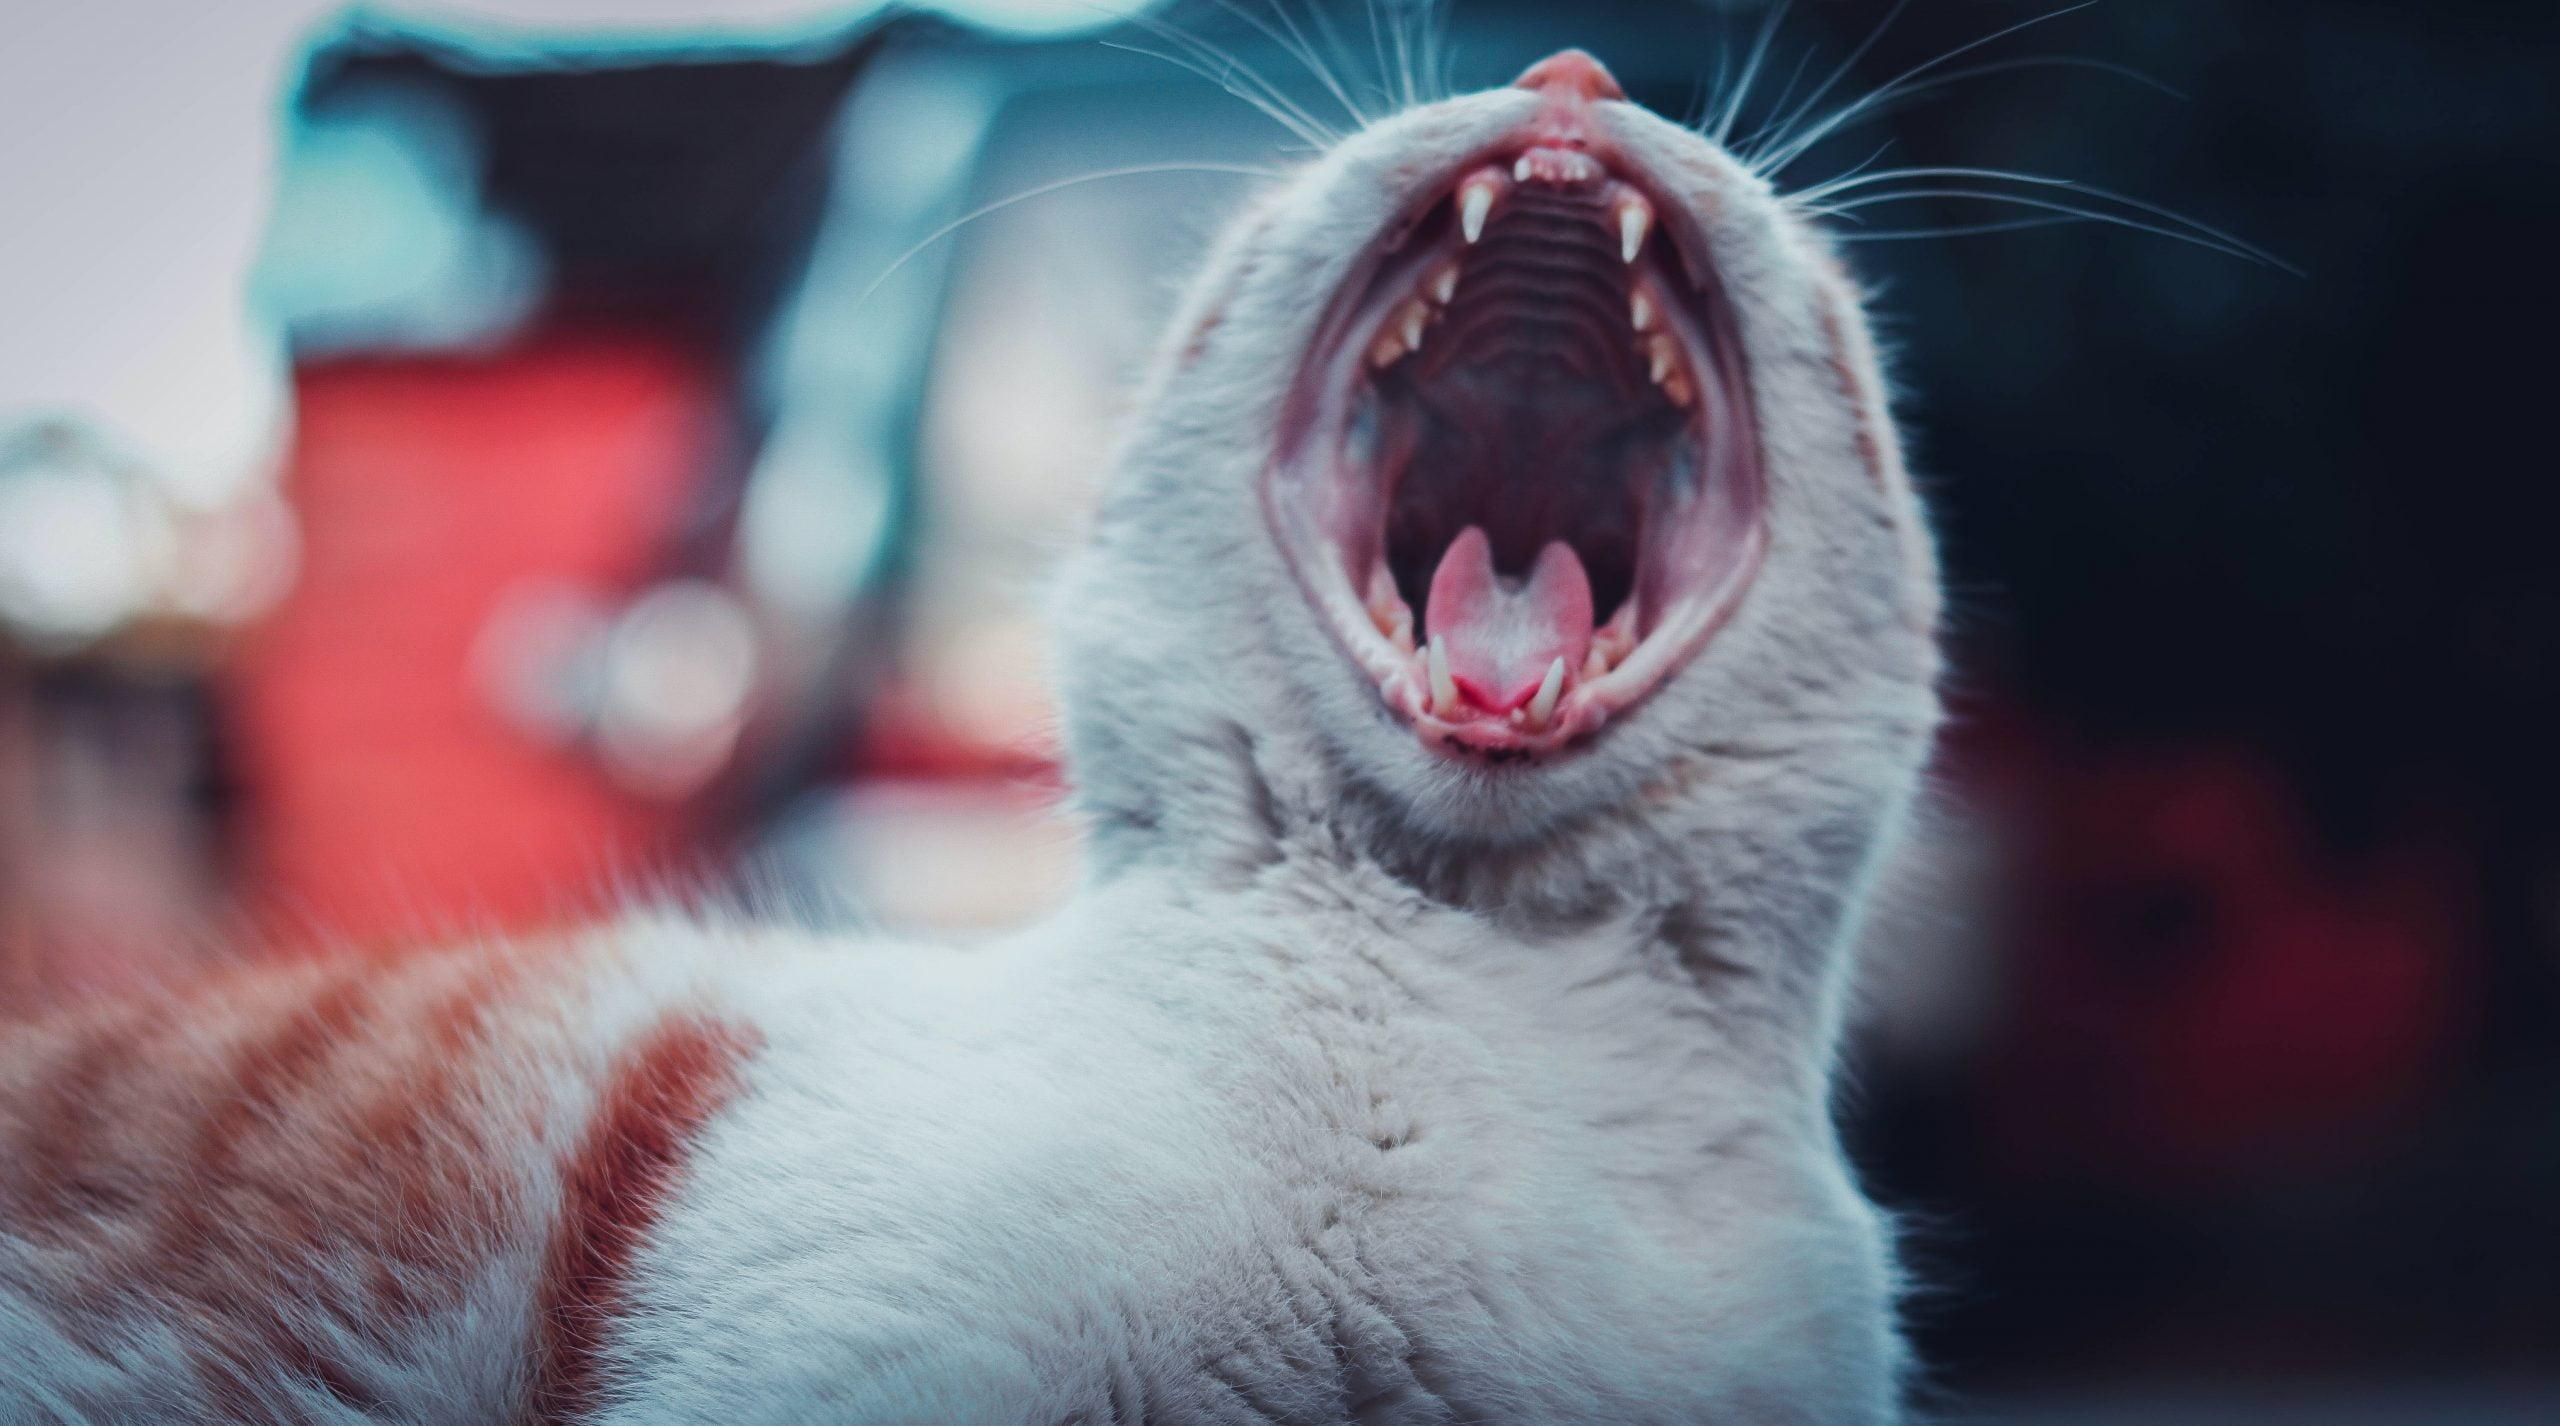 ¿Por qué mi gato pierde dientes? Conociendo las causas y buscando soluciones